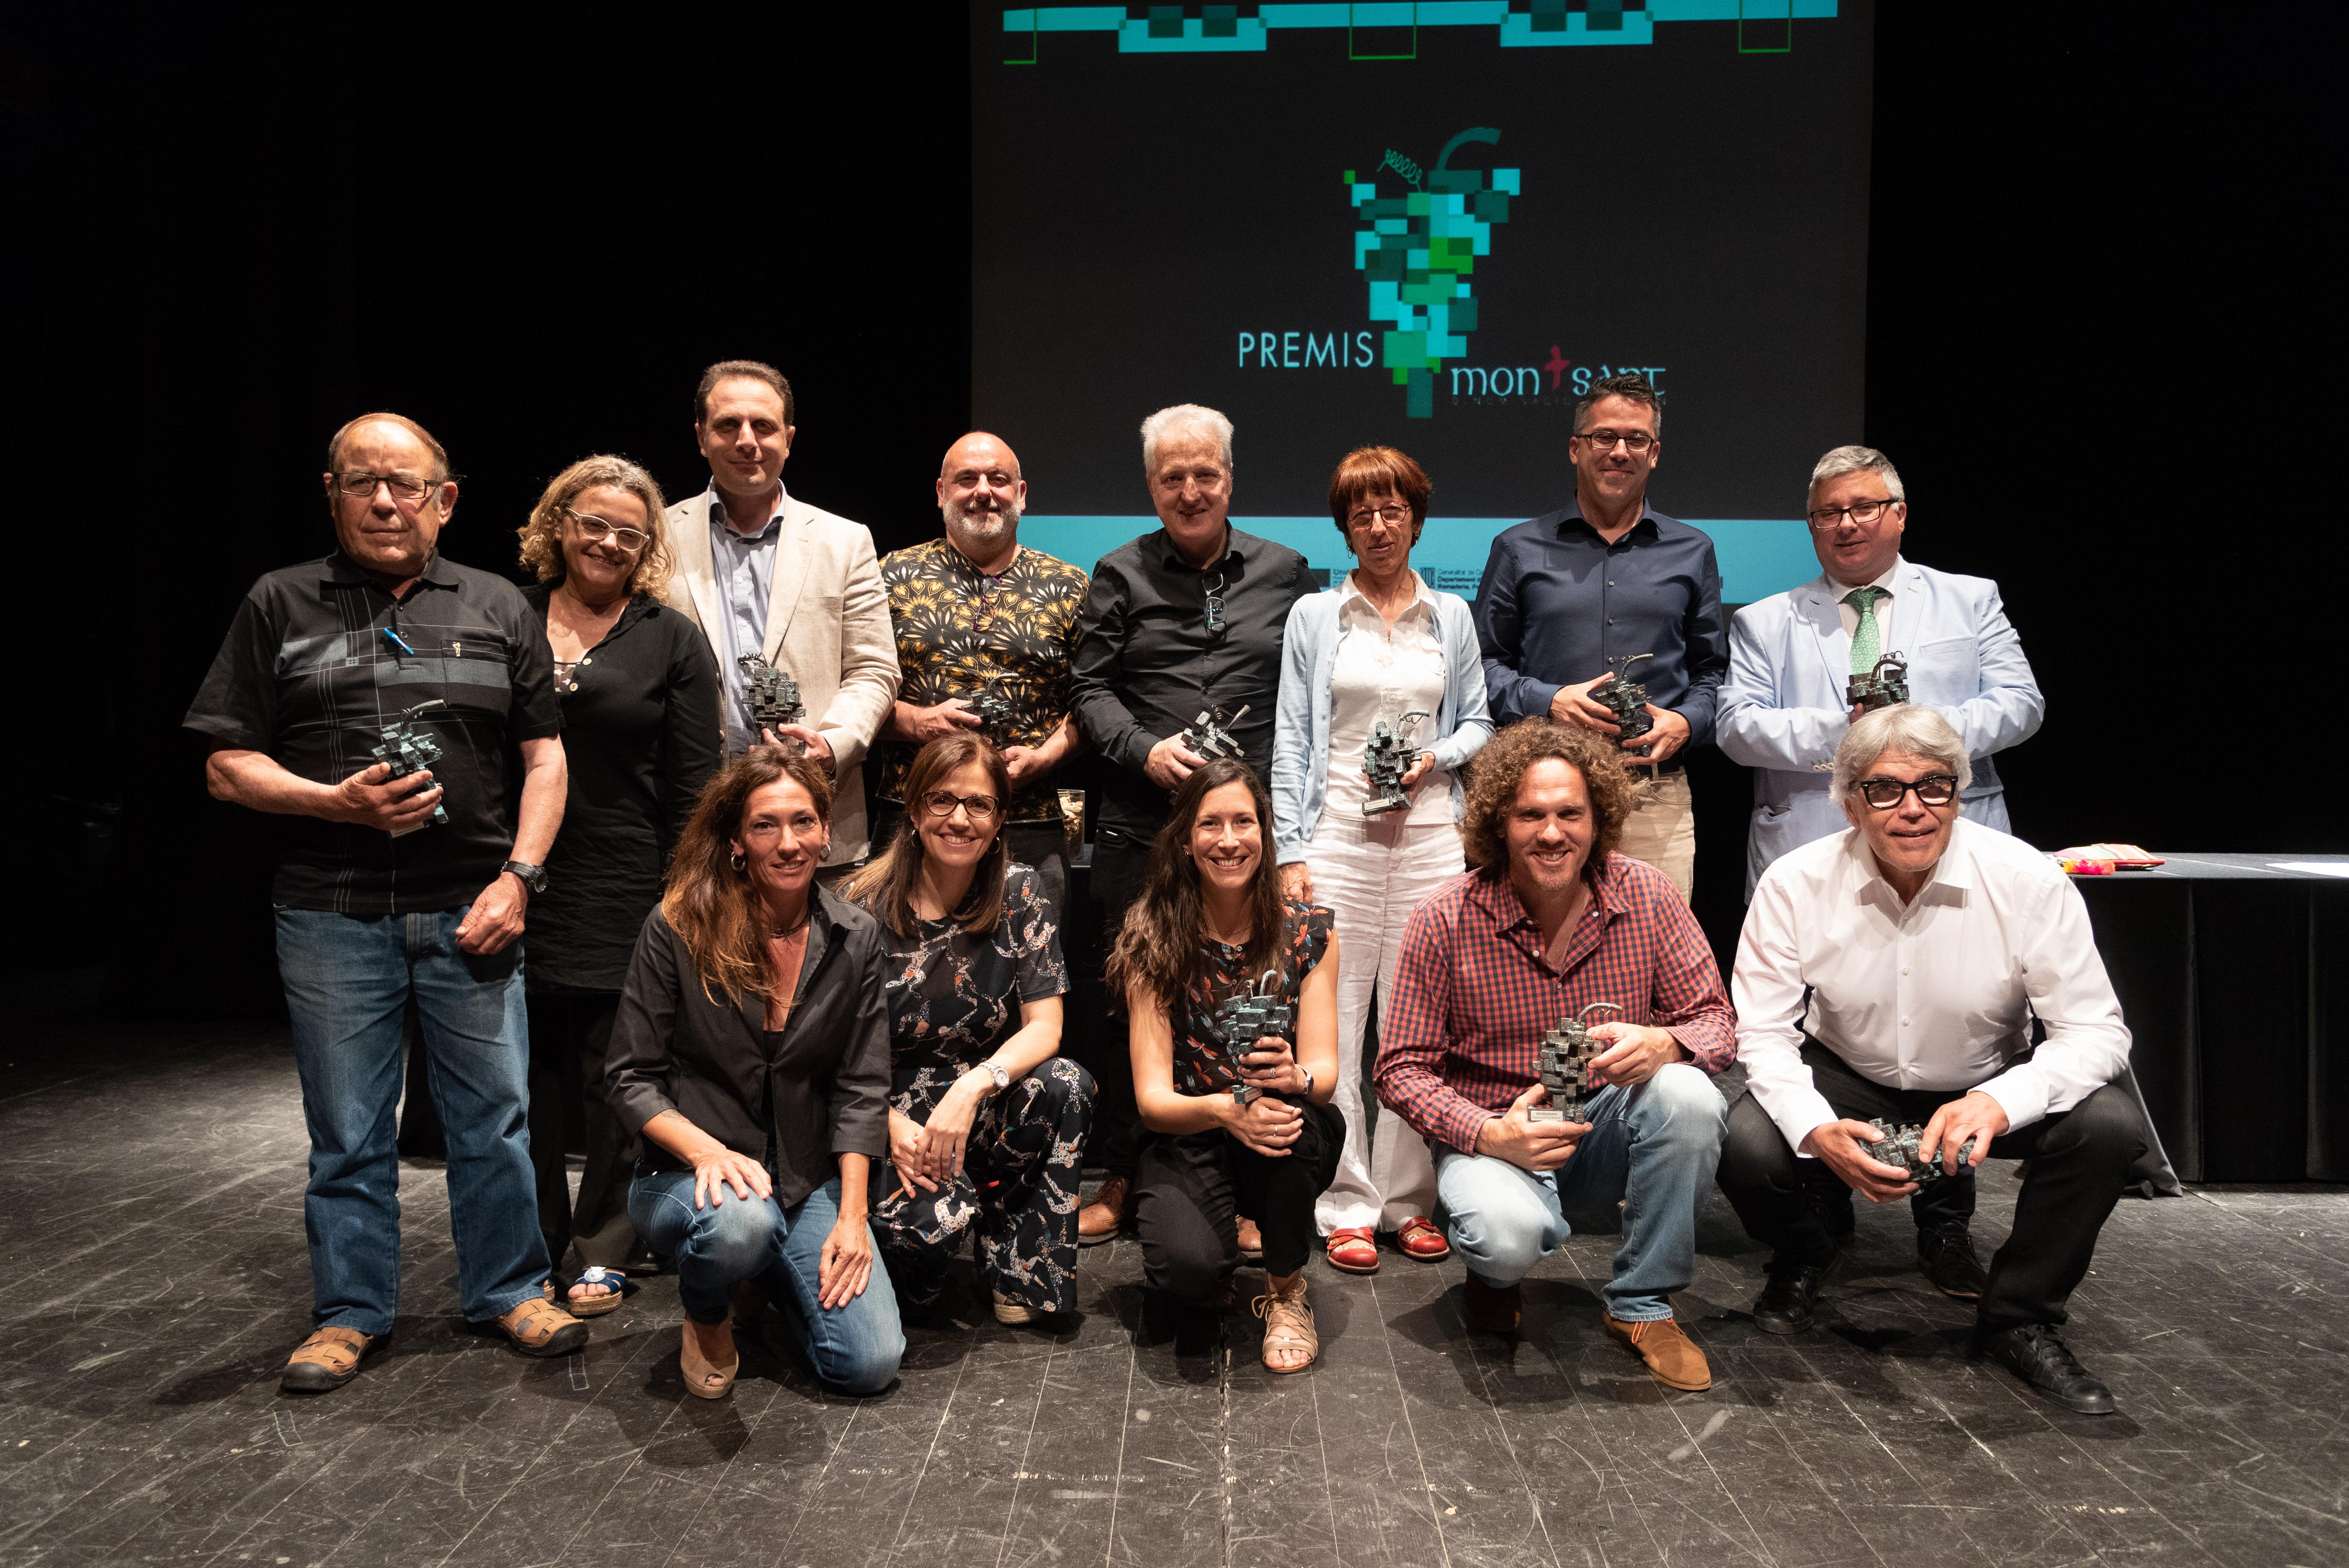 La DO Montsant celebra la 2ª edición de sus premios con una emotiva gala en Falset